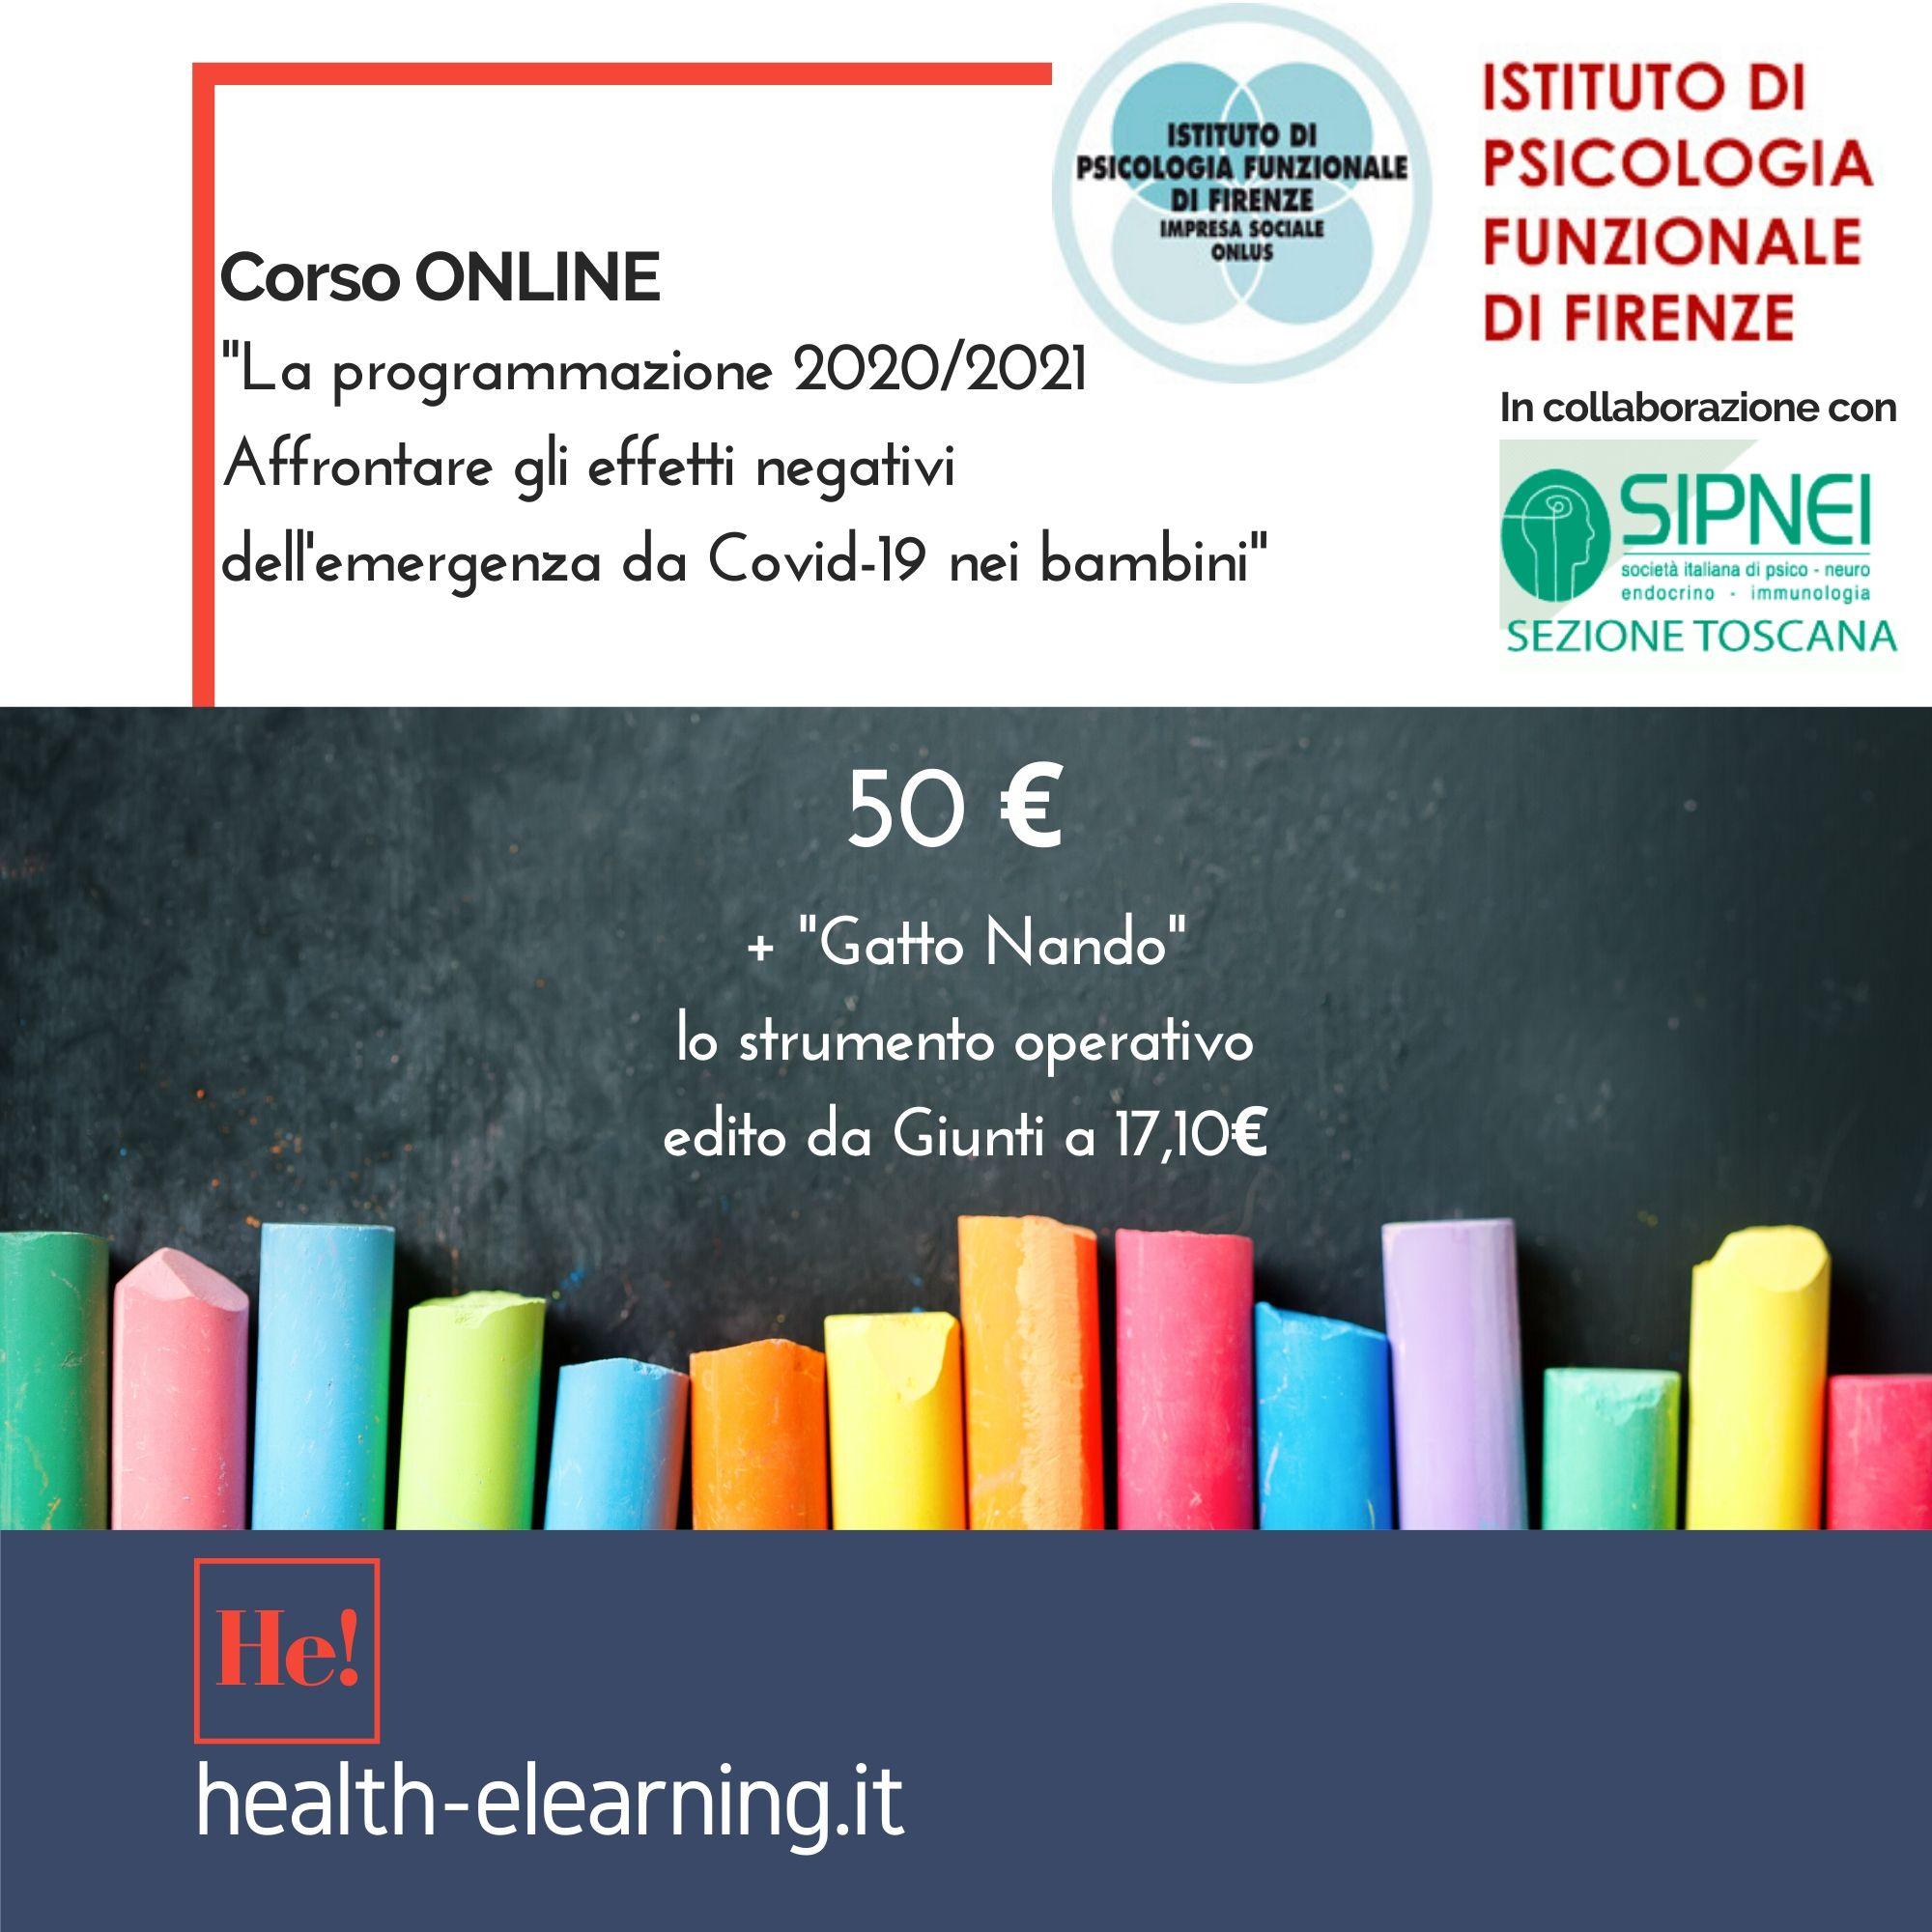 STANNO PER RIAPRIRE I SERVIZI EDUCATIVI 0-6